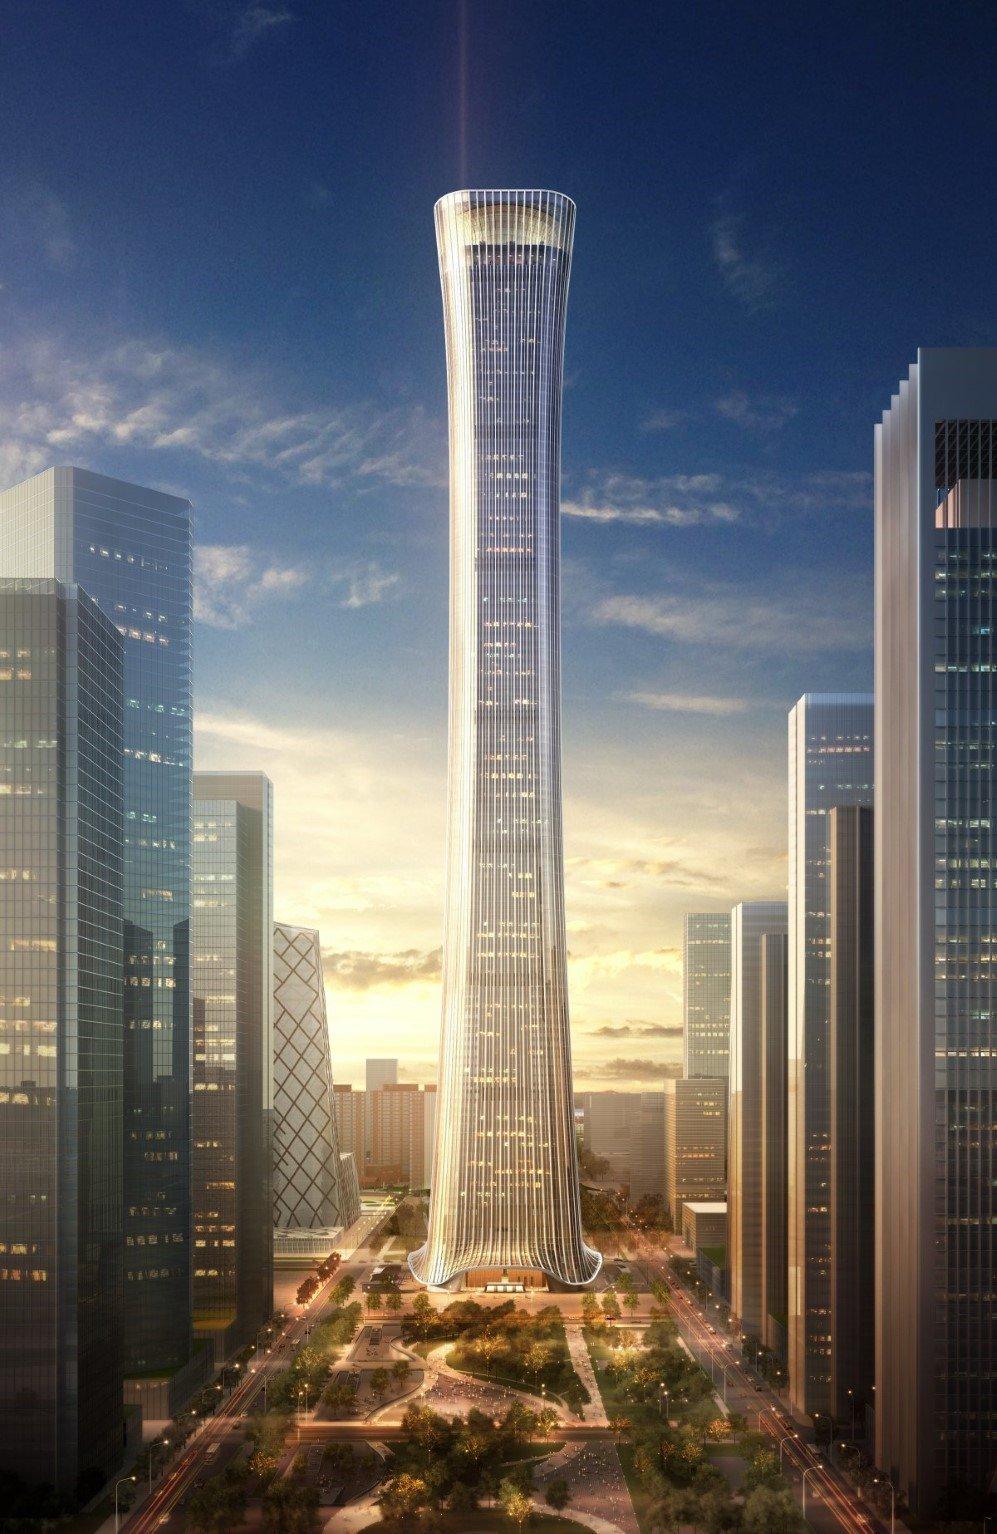 10. Zhongguo Zun, Beijing, China